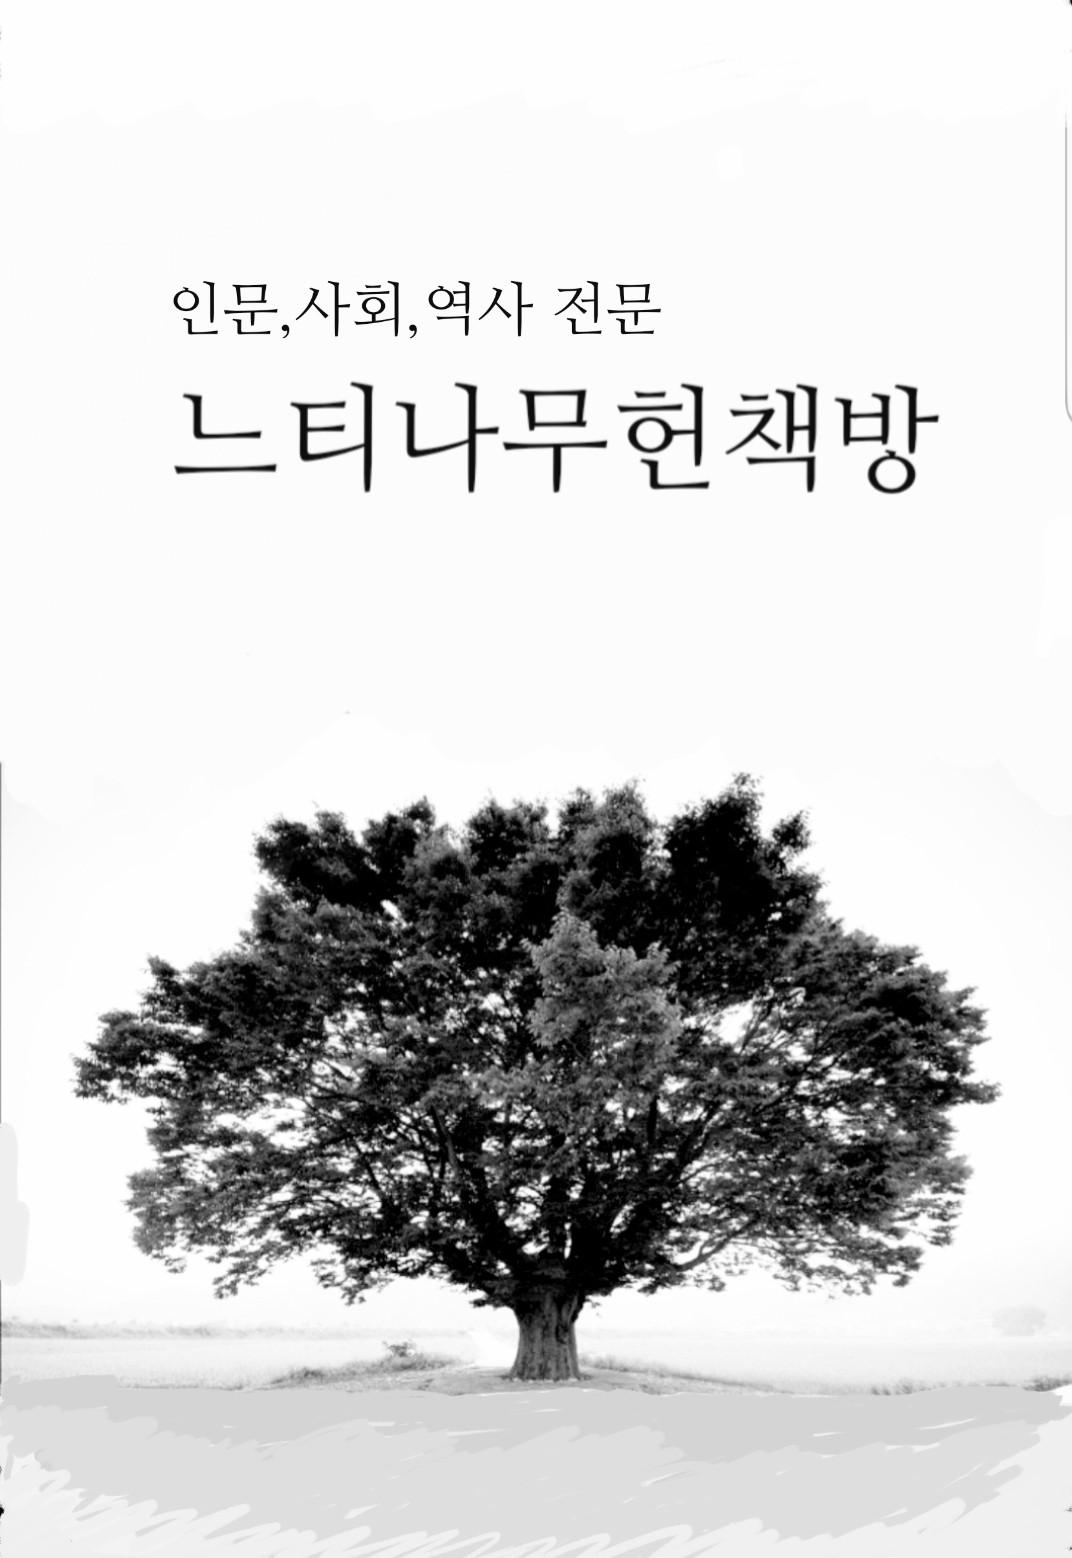 간디의 철학과 사상 - 초판 (알6코너)